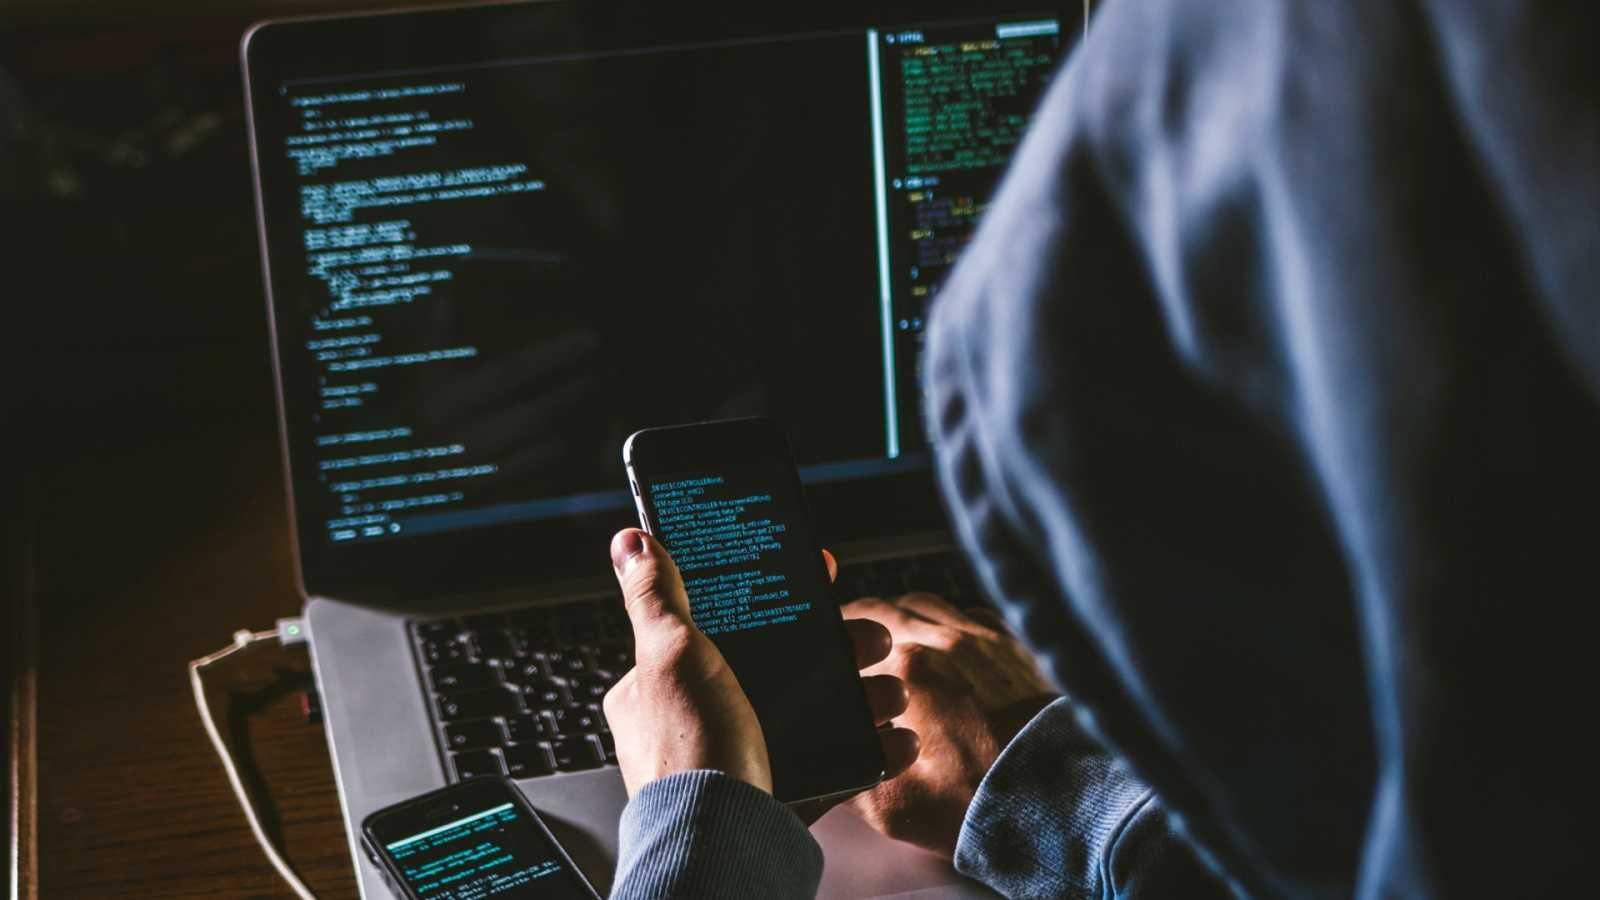 La Guardia Civil alerta sobre el aumento de los secuestros virtuales.